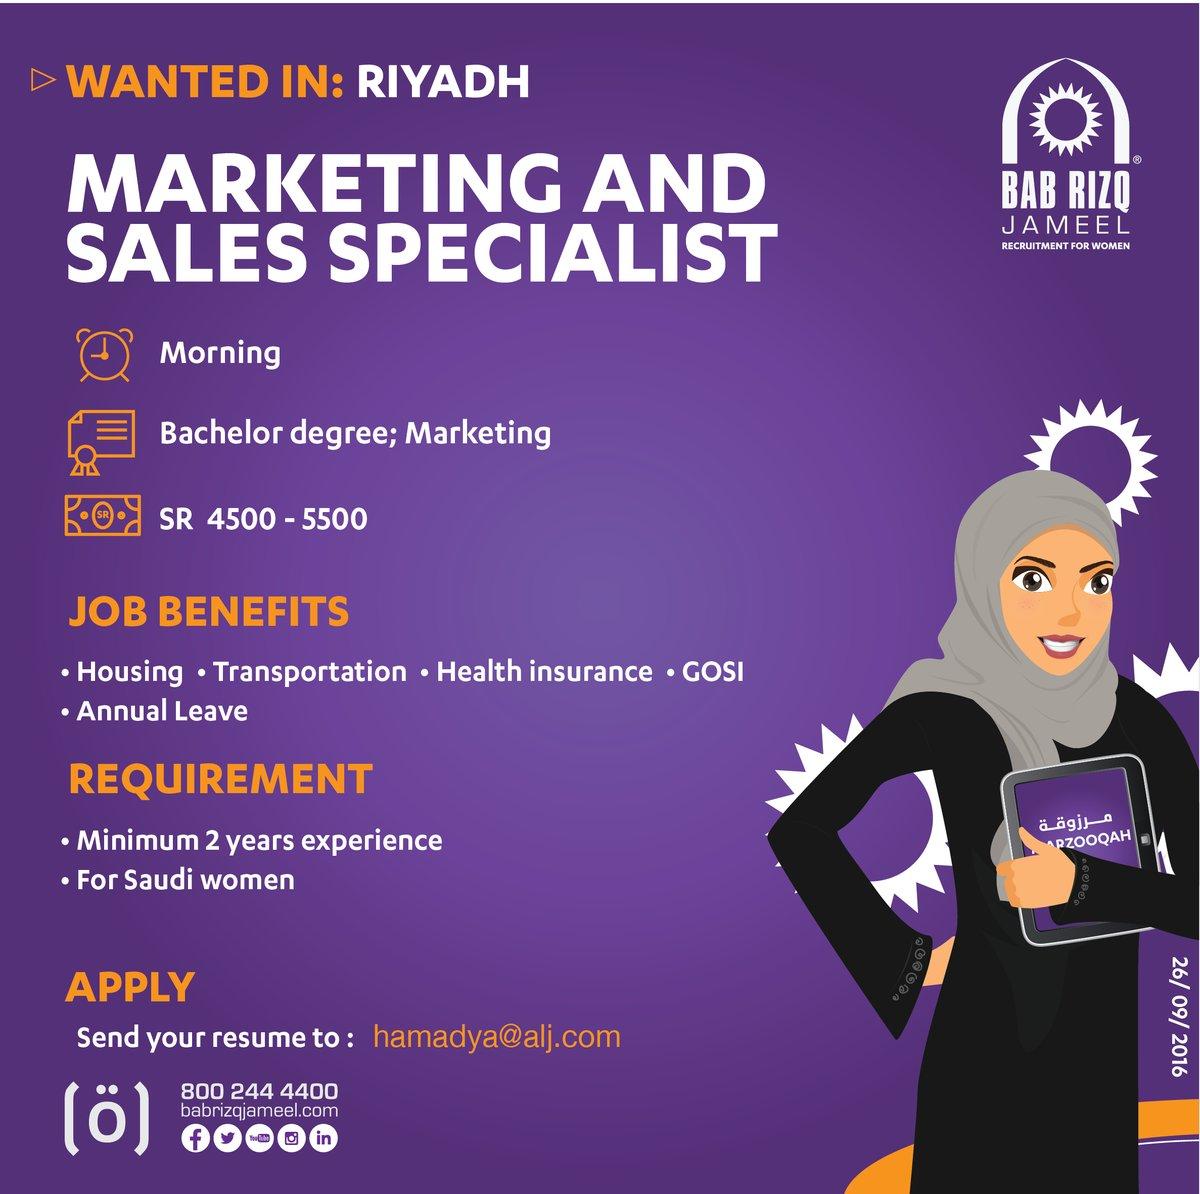 مطلوب أخصائية تسويق ومبيعات - الرياض